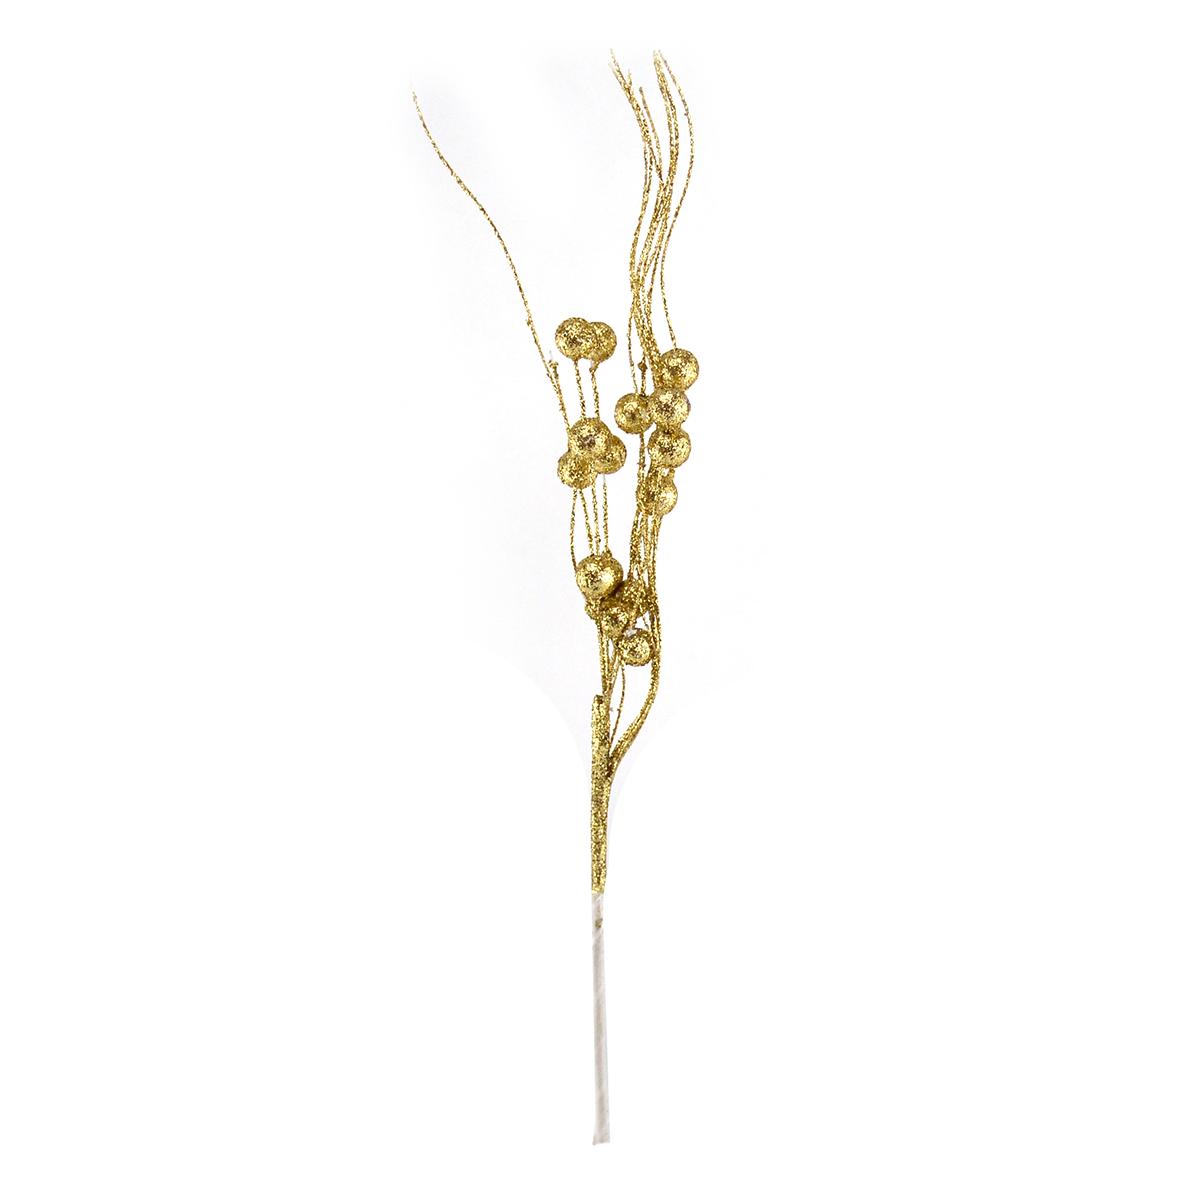 Crenguta curly bobite cu sclipici auriu - ambalaje si accesorii florale